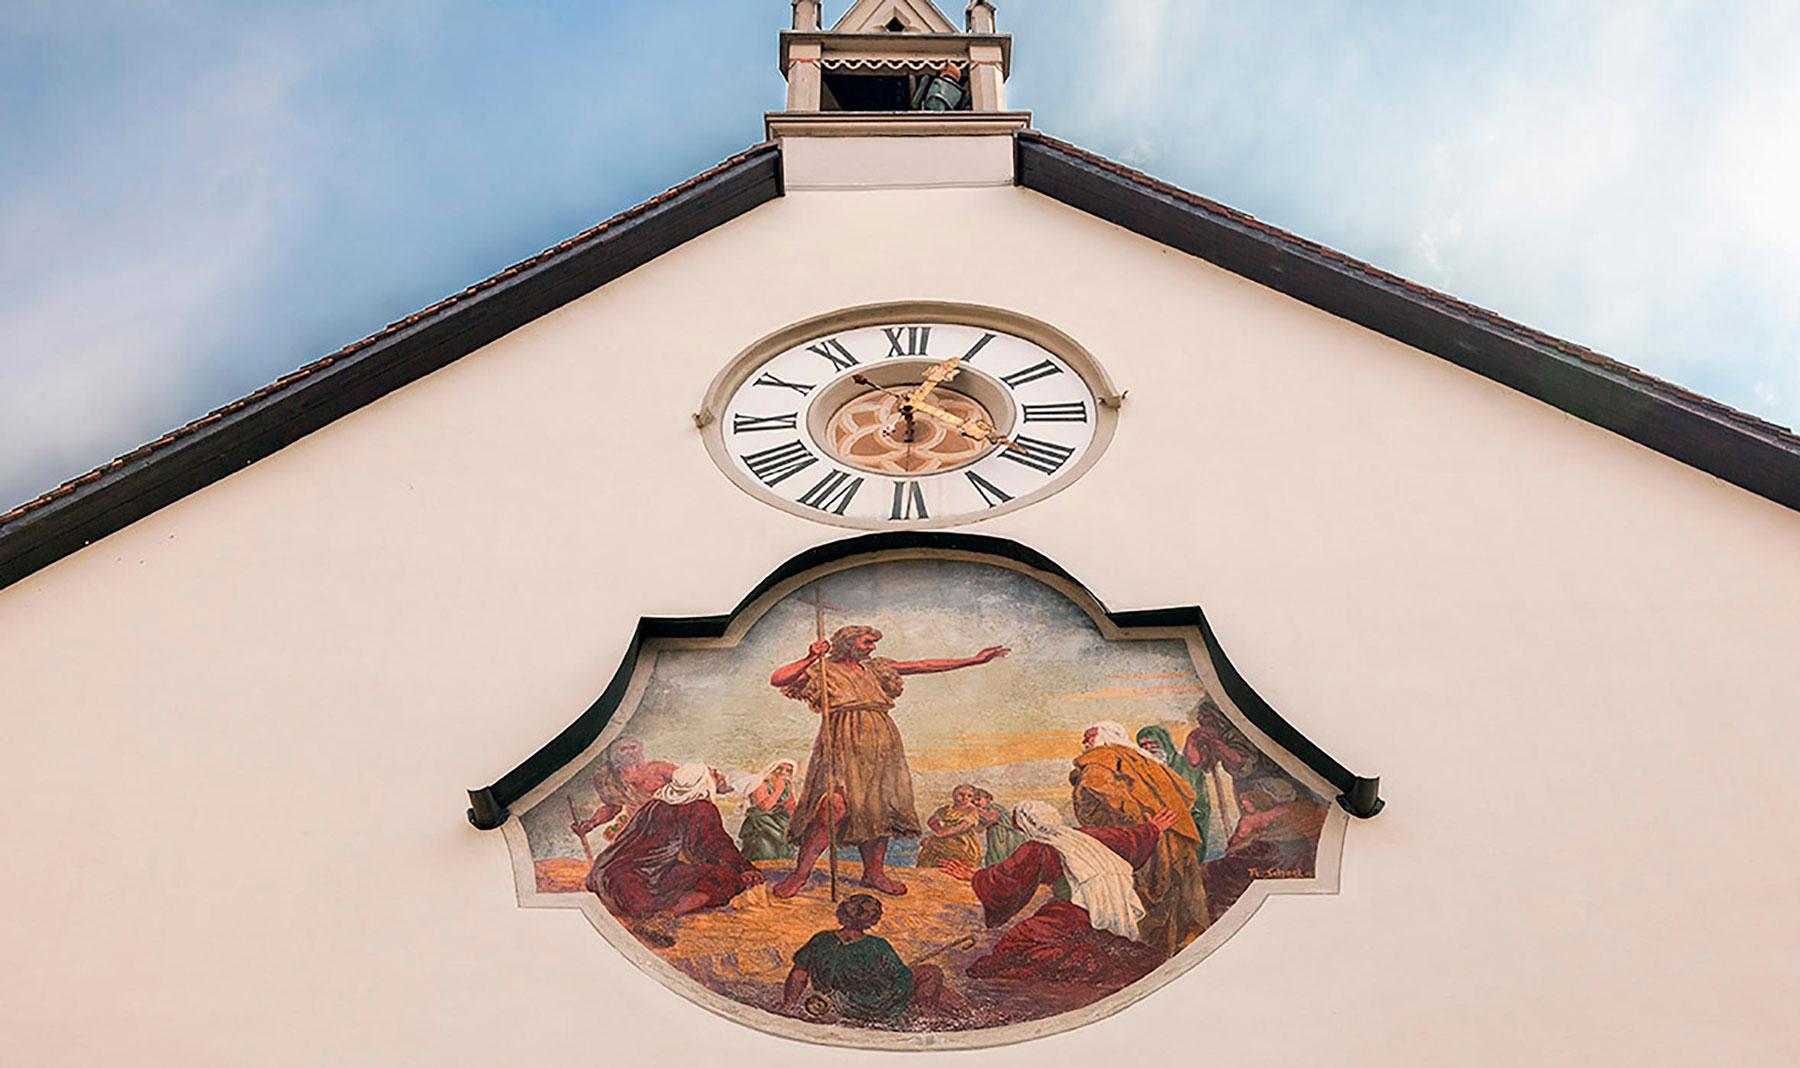 Der Hl. Johannes der Täufer als Kirchenpatron auf der Giebelfassade